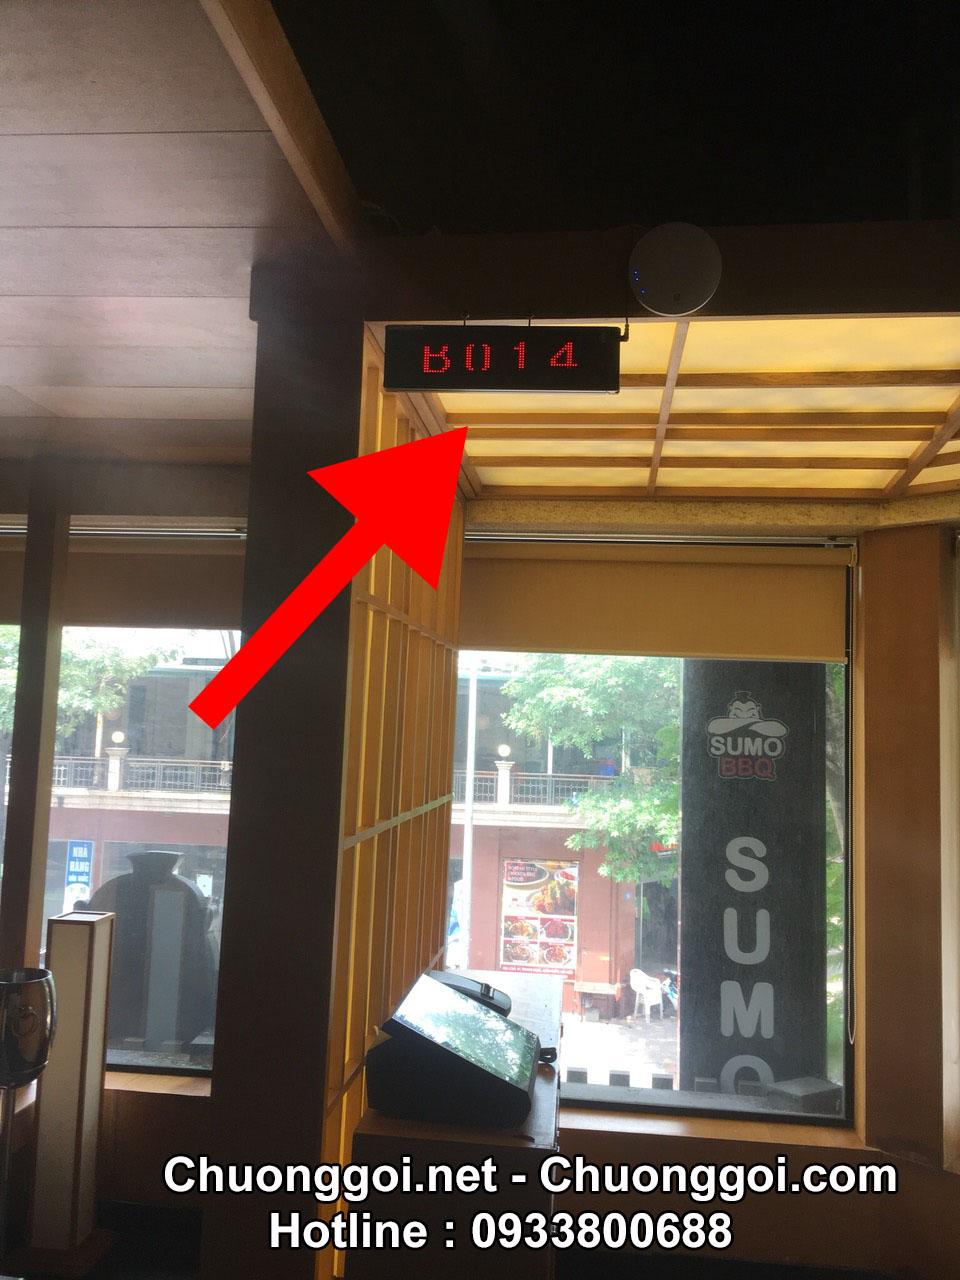 Lắp đặt thiết bị chuông gọi không dây tại nhà hàng Sumo BBQ 122 Trung Hòa